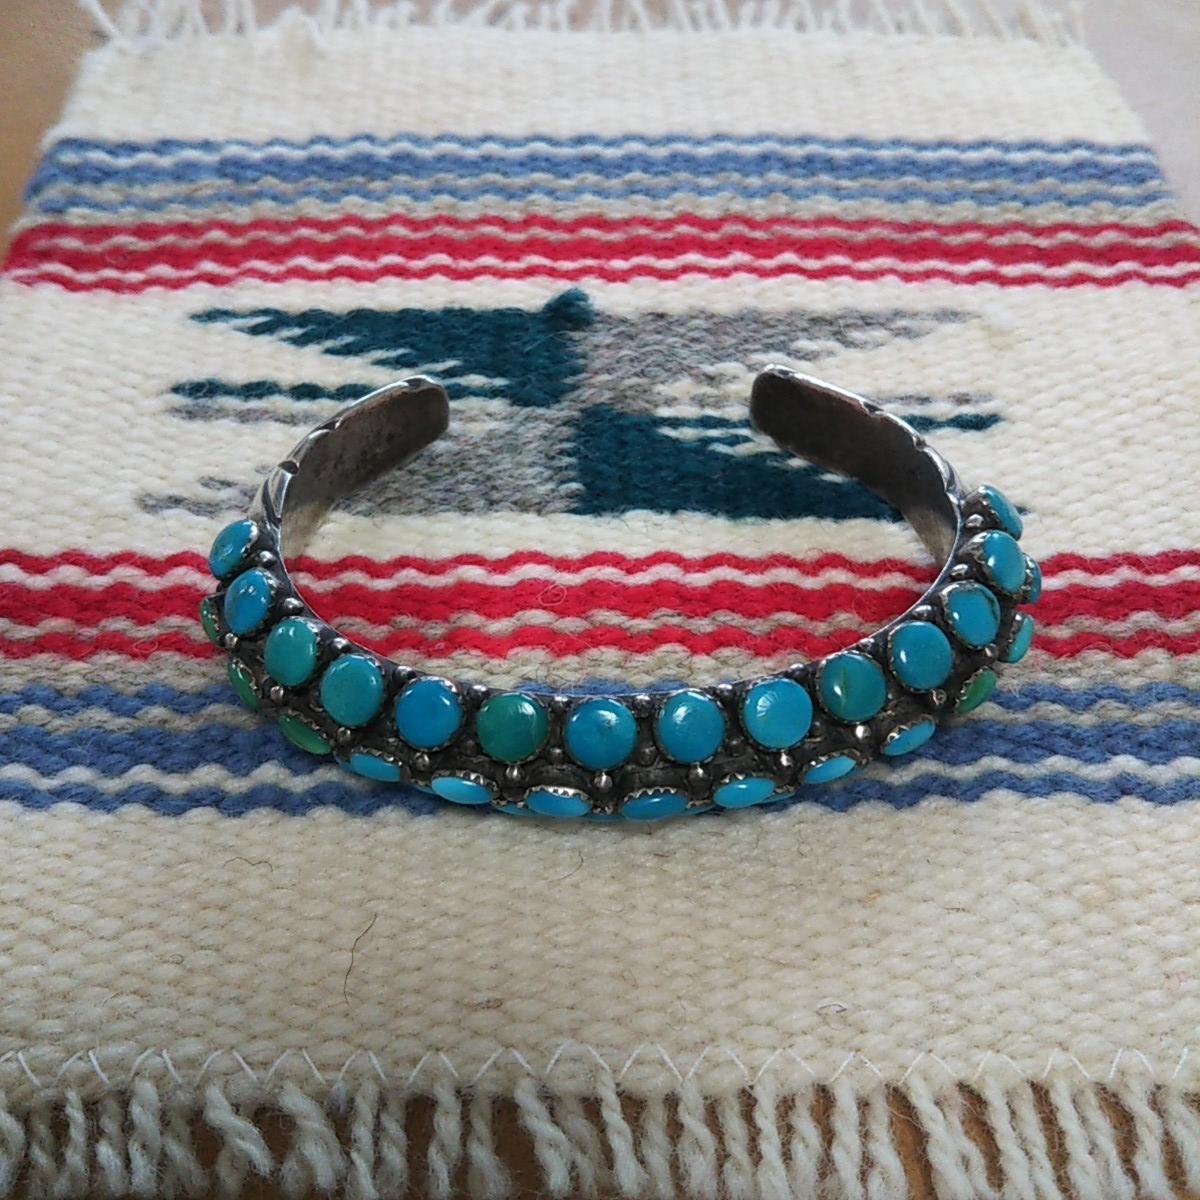 インディアンジュエリー ナバホ族 T sterling ターコイズ クラスター シルバーバングル♯ネイティブアメリカン ホピ族 ズニ族 silver925